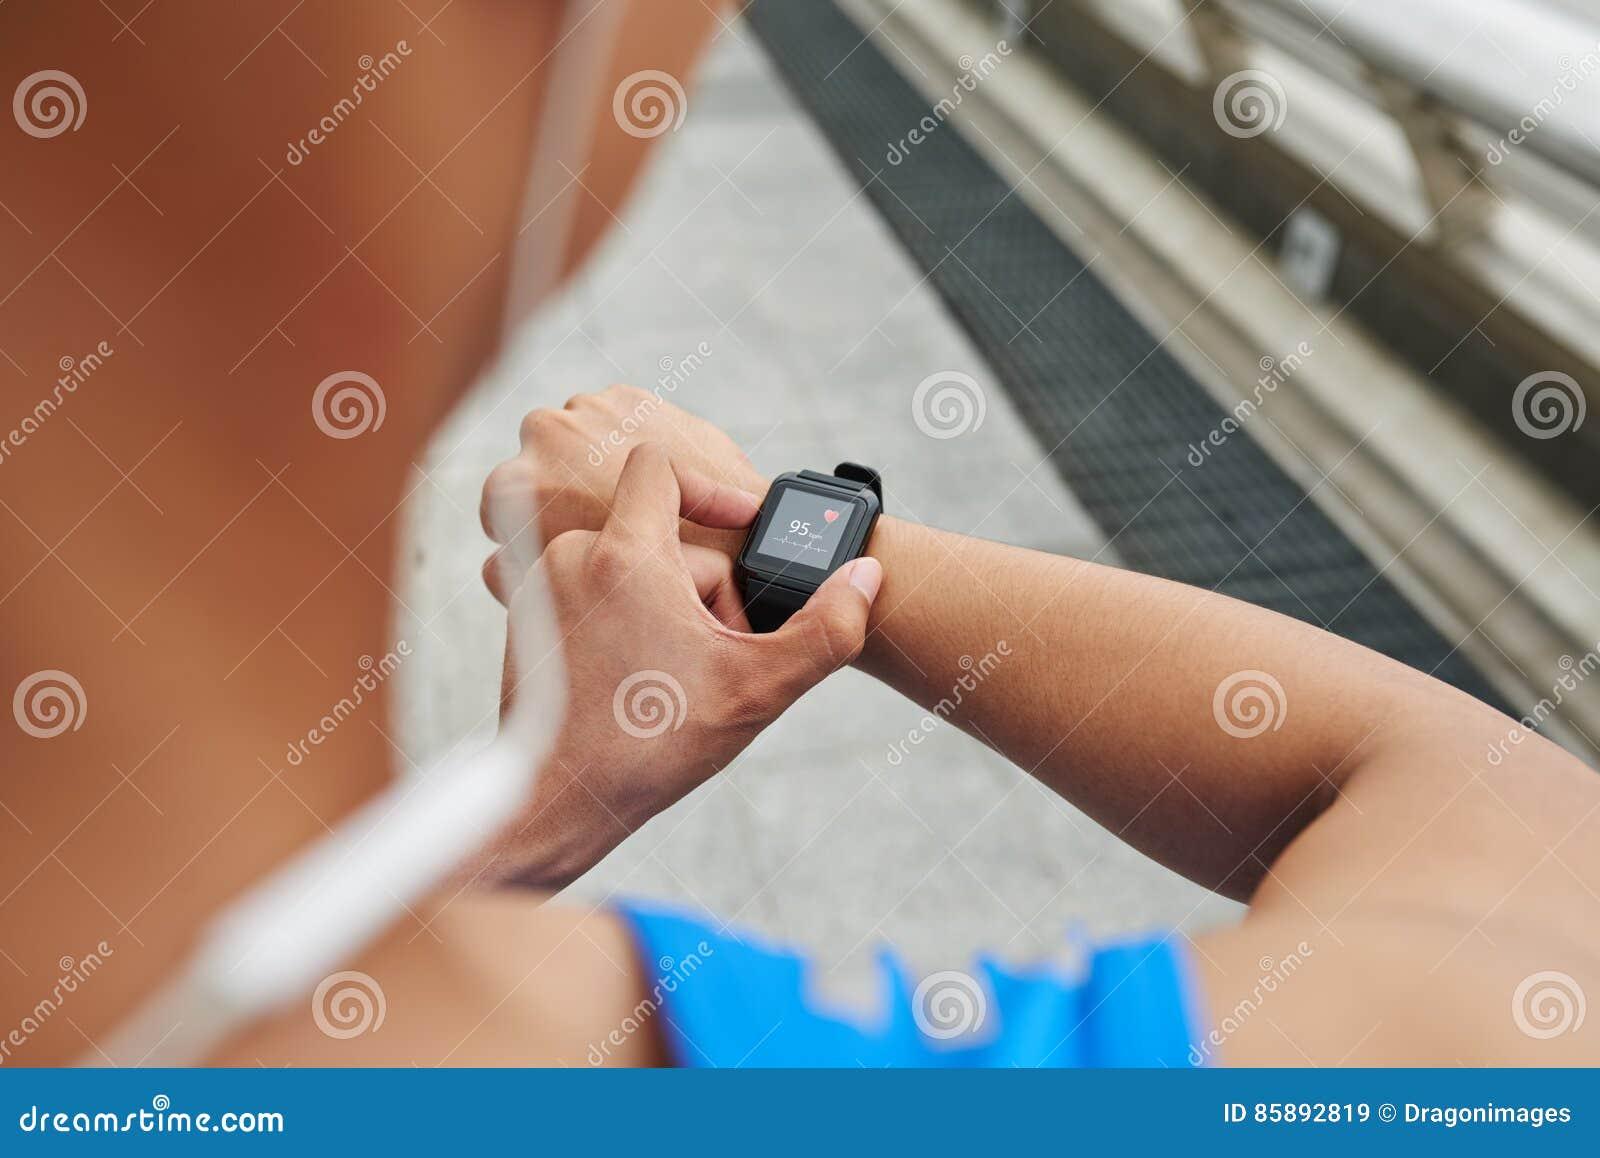 Main masculine avec le traqueur de forme physique